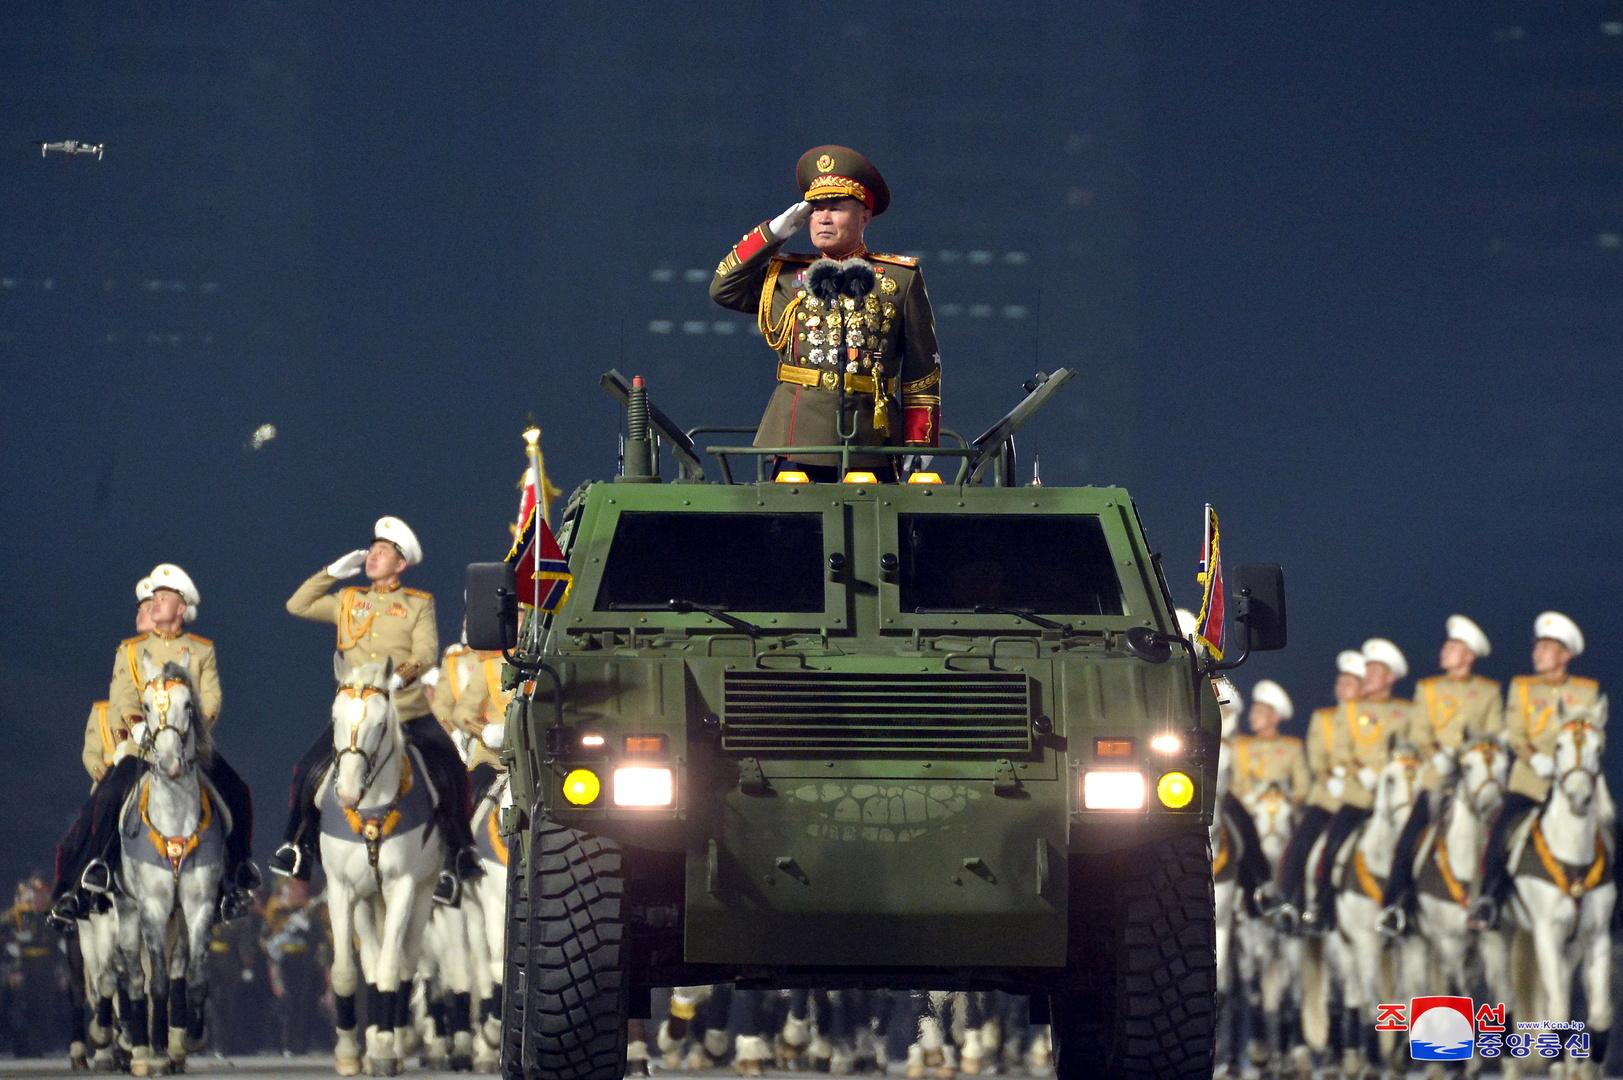 """""""يونهاب"""" تسلط الضوء على مقارنة للقوة العسكرية بين الكوريتين"""